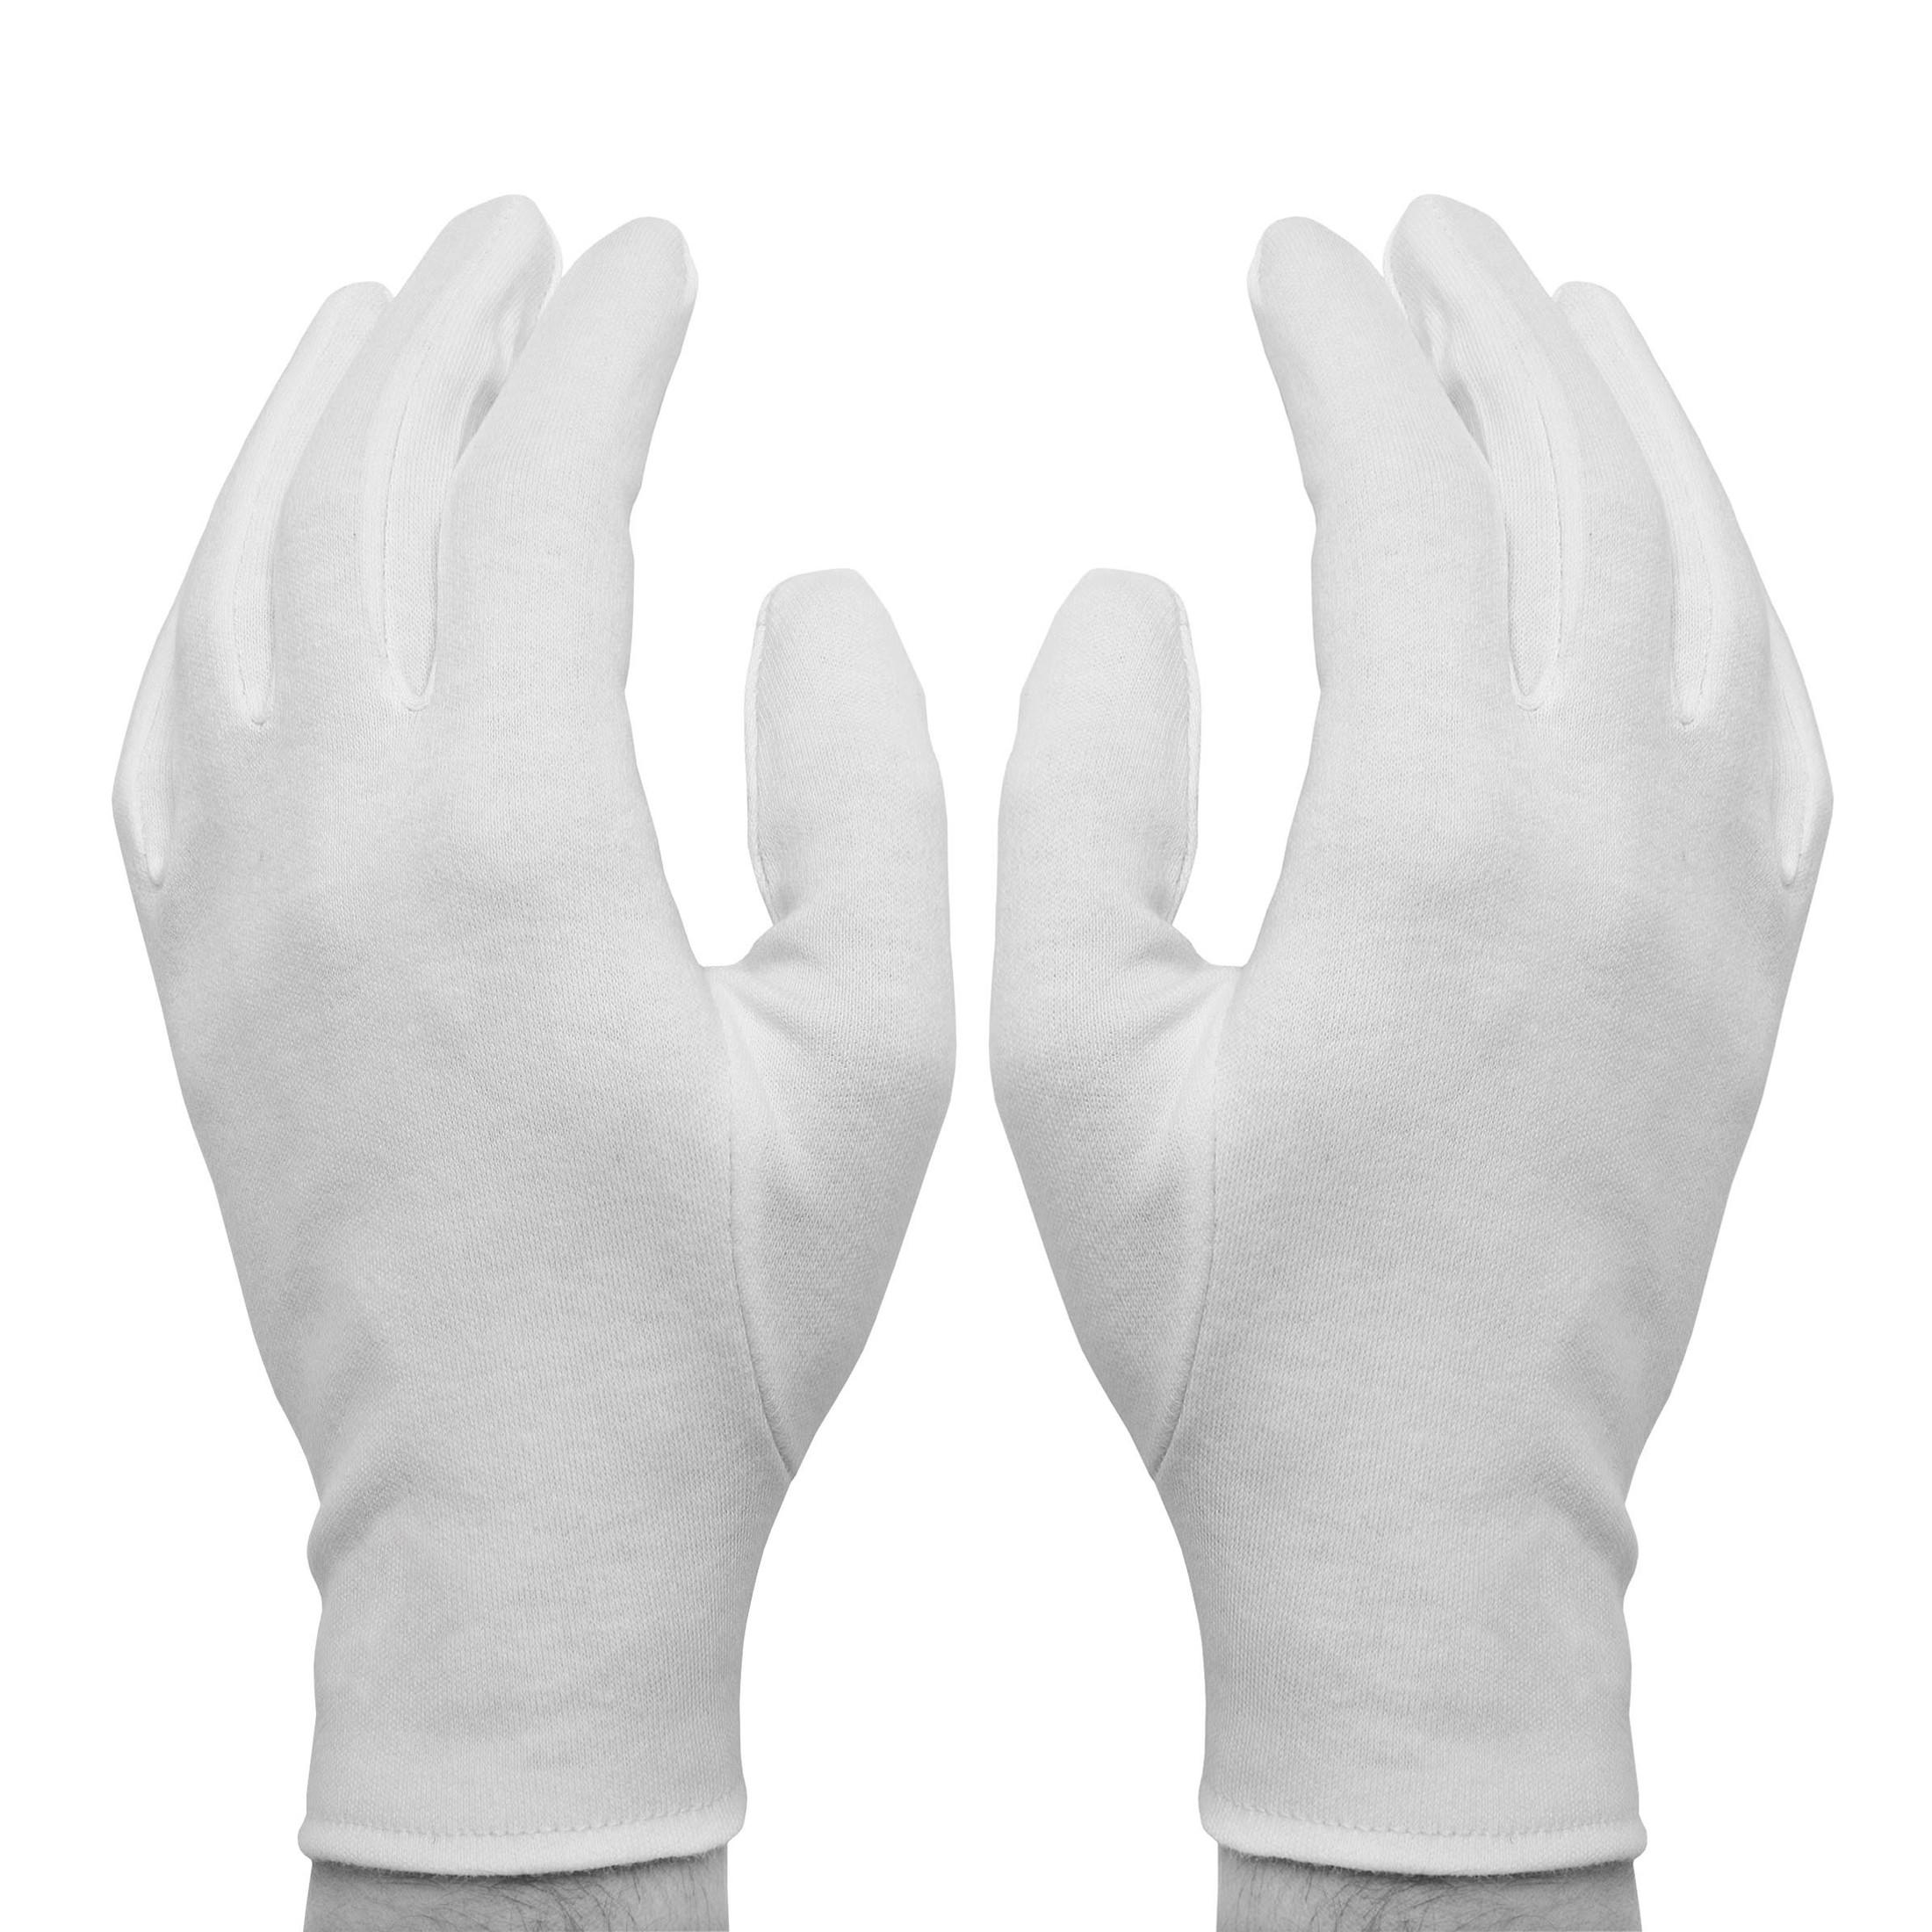 Перчатки Skiba Судейские пятипалые белые 2шт. L